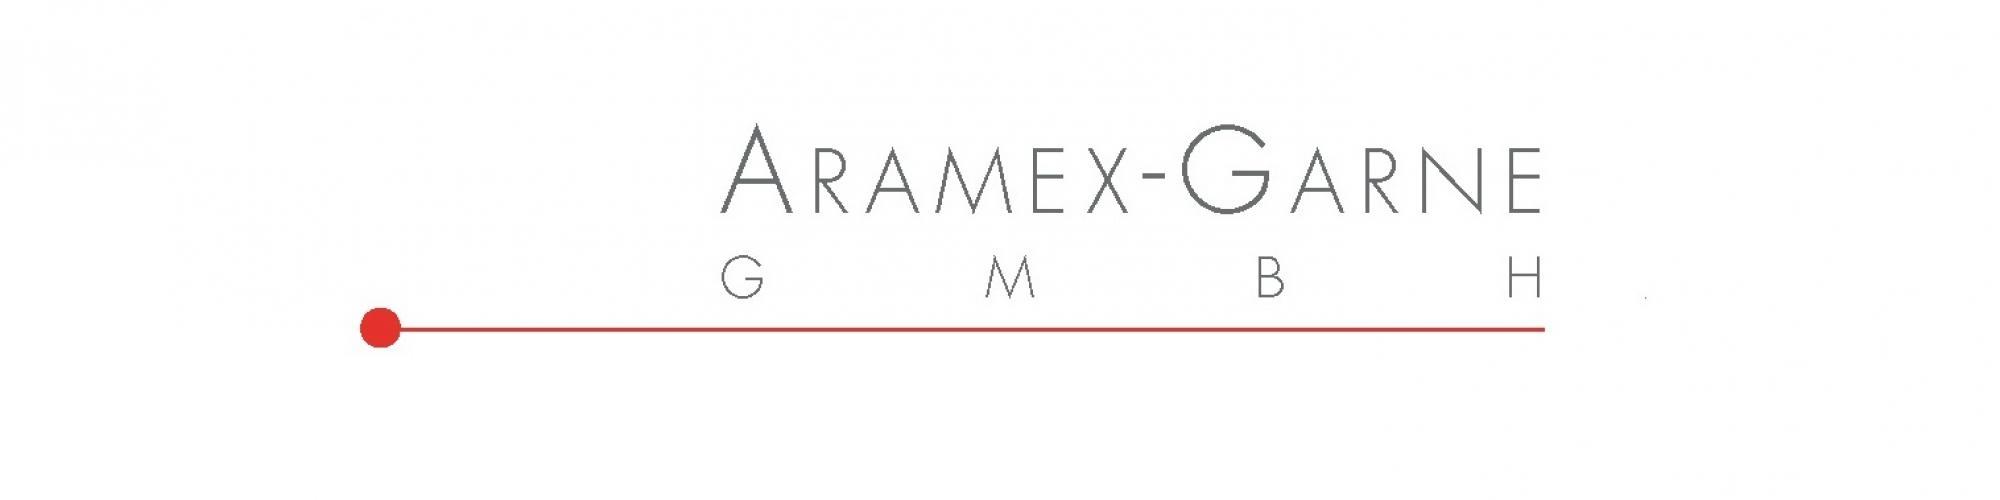 Aramex-Garne GmbH